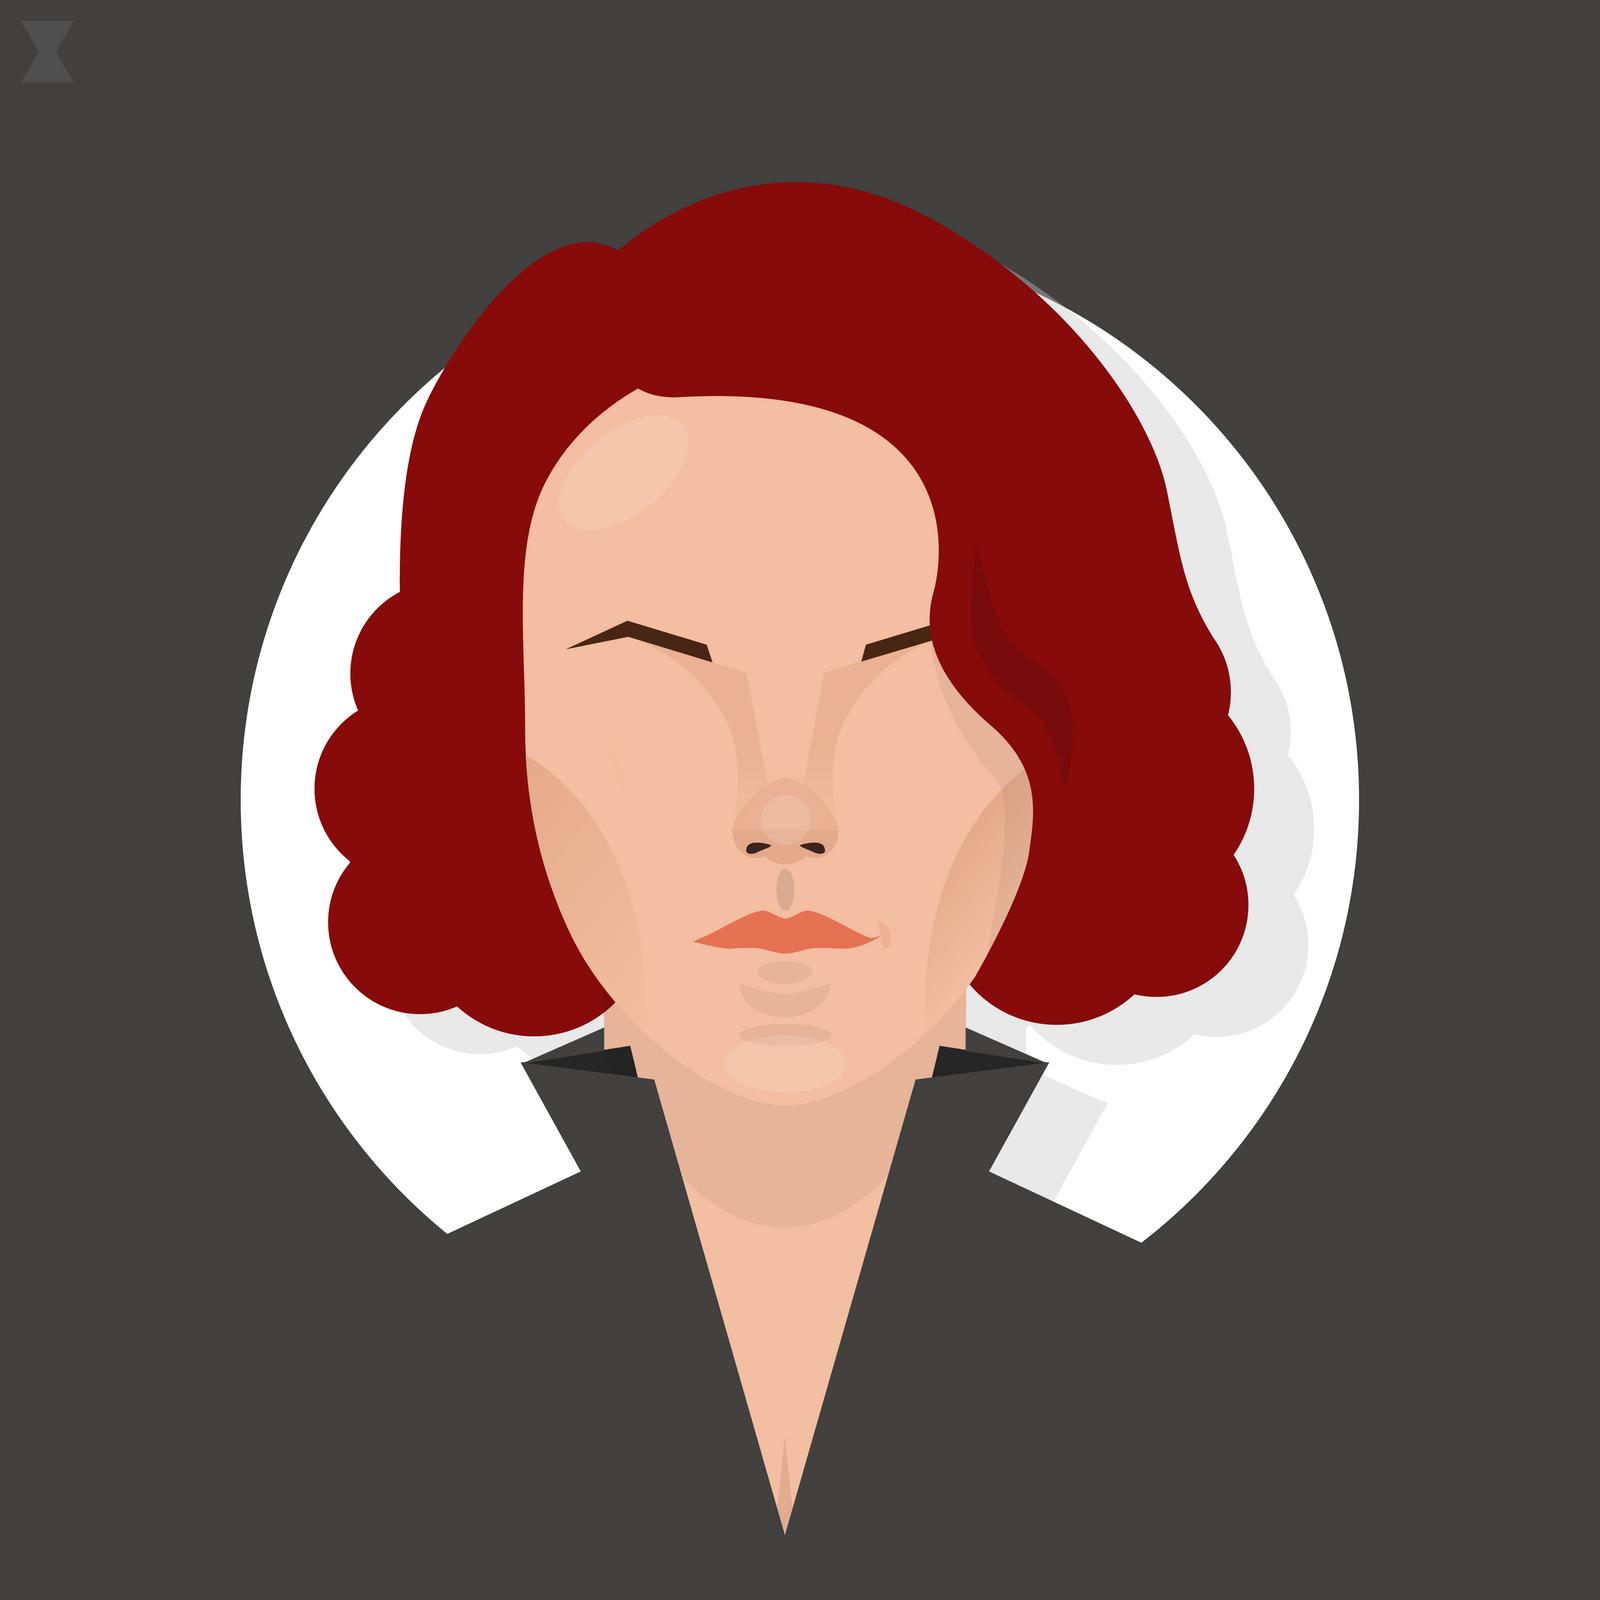 Black Widow Minimal by ellsillustrations on DeviantArt